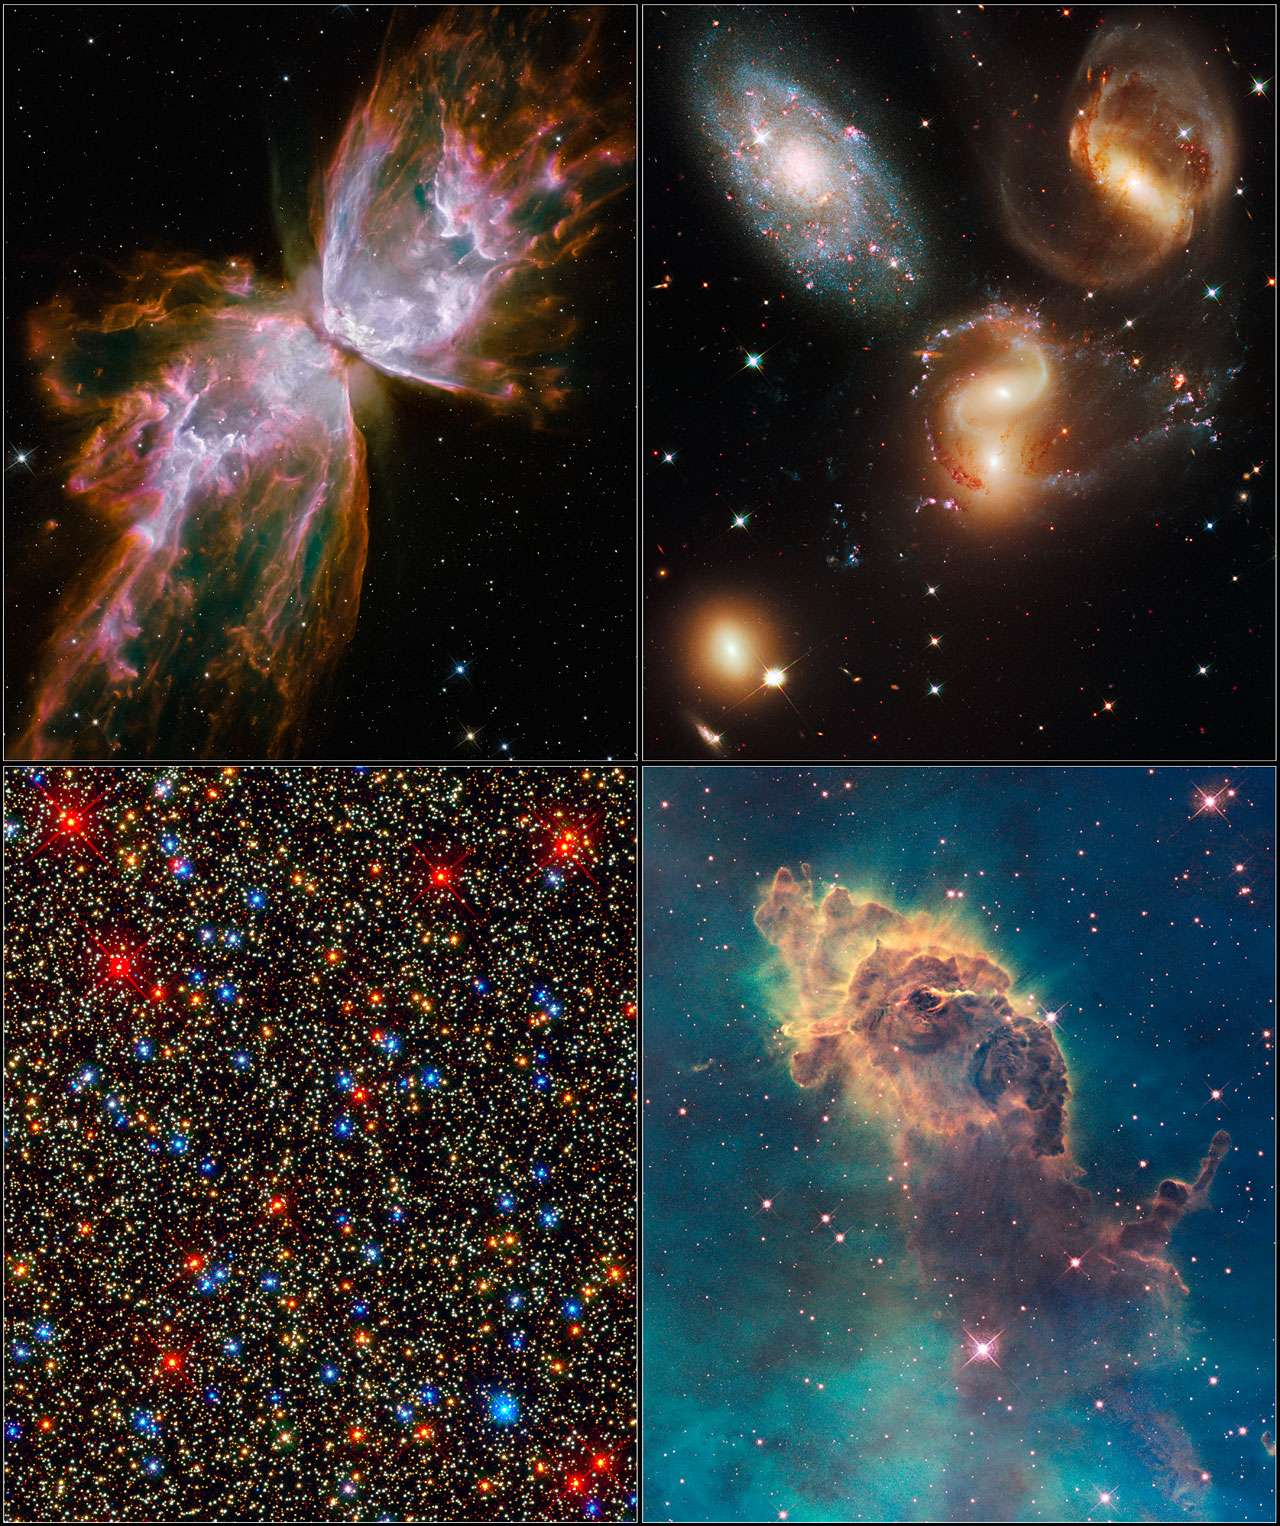 On voit ici 4 des images fournies par la Wide Field Camera 3, la nouvelle caméra de Hubble. En bas à gauche ce sont près de 100.000 étoile de l'amas globulaire géant Omega Centauri qui sont résolues. Crédit : NASA, ESA, Hubble SM4 ERO Team